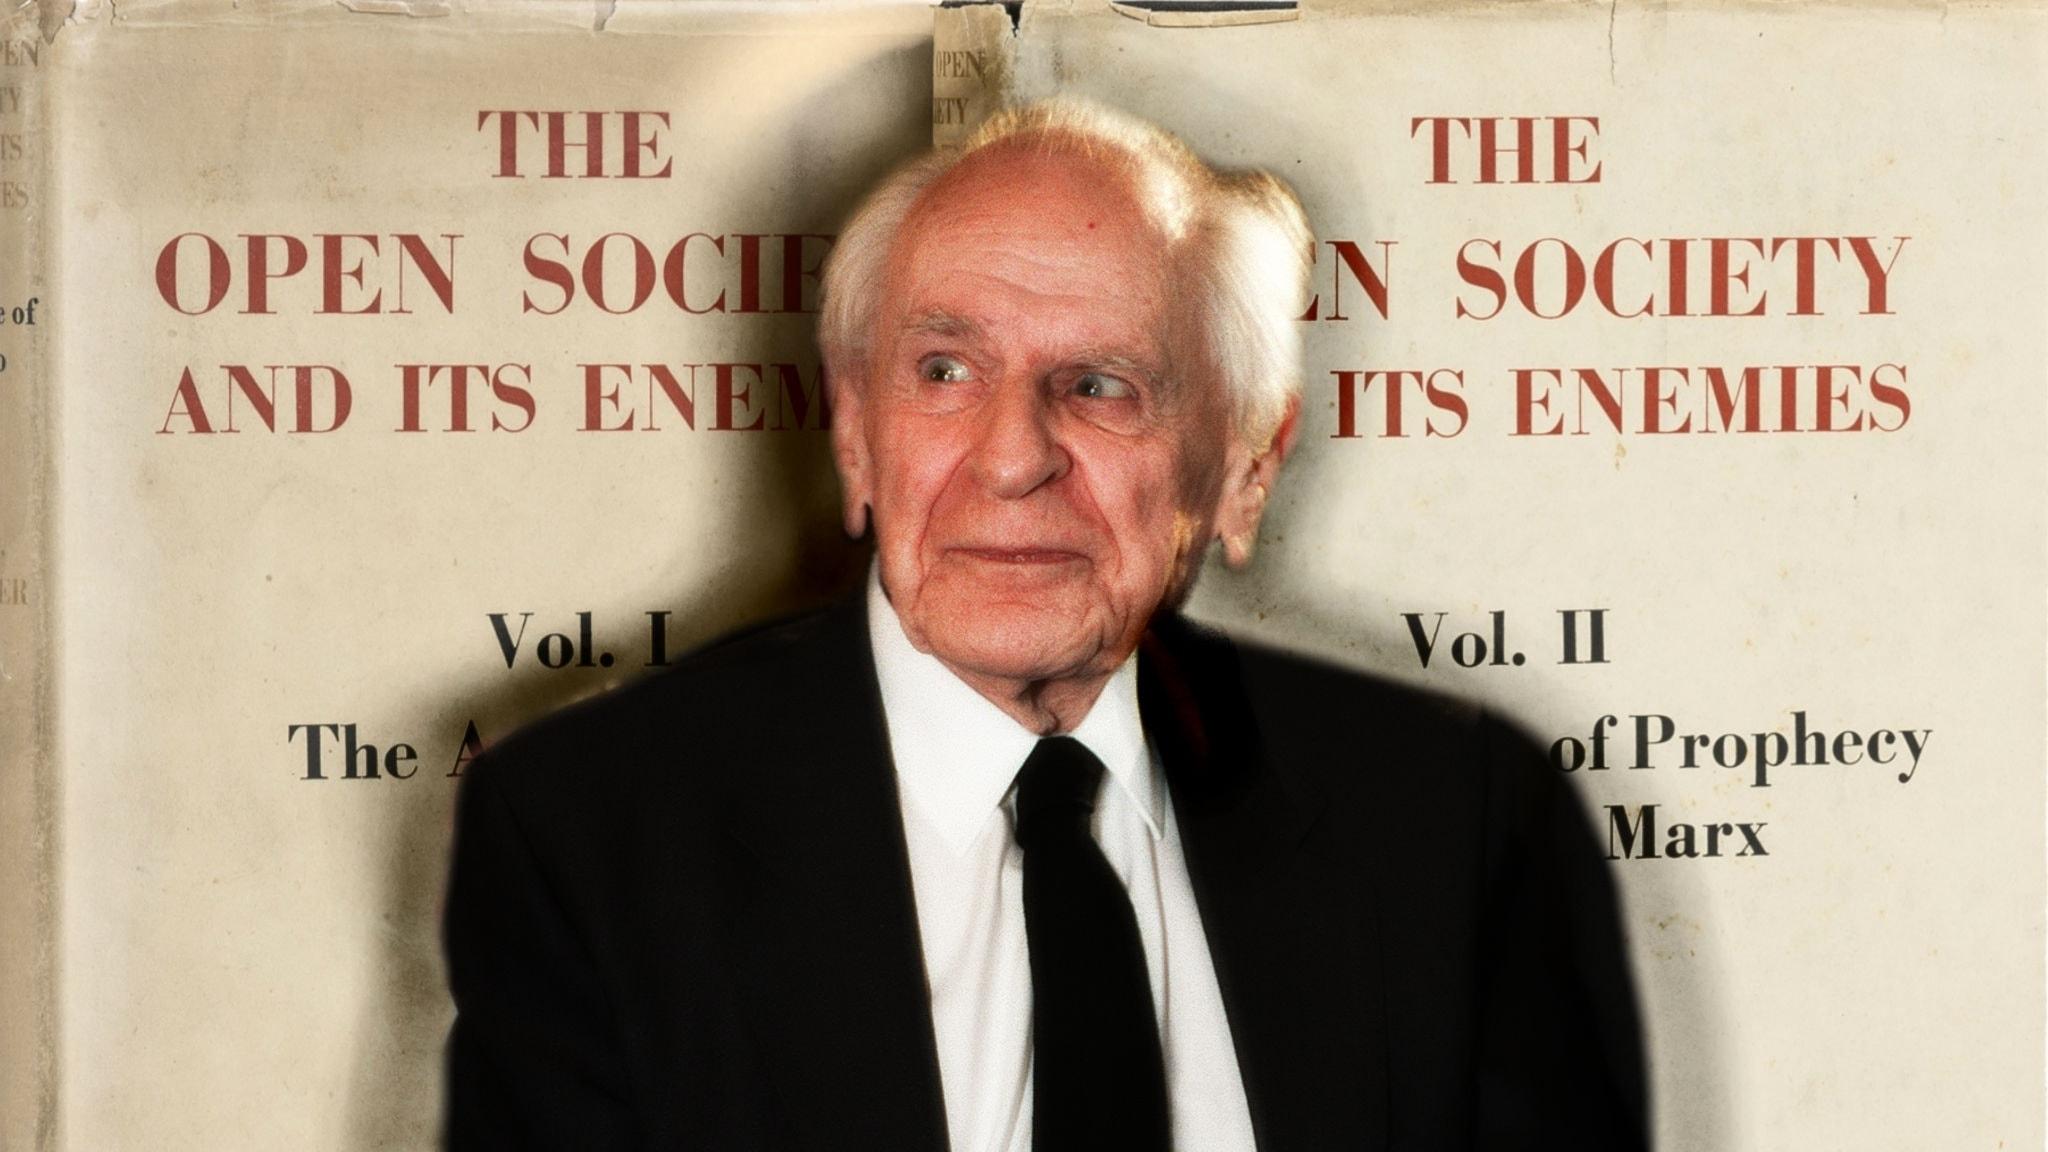 Vår nihilistiska tid behöver Karl Popper